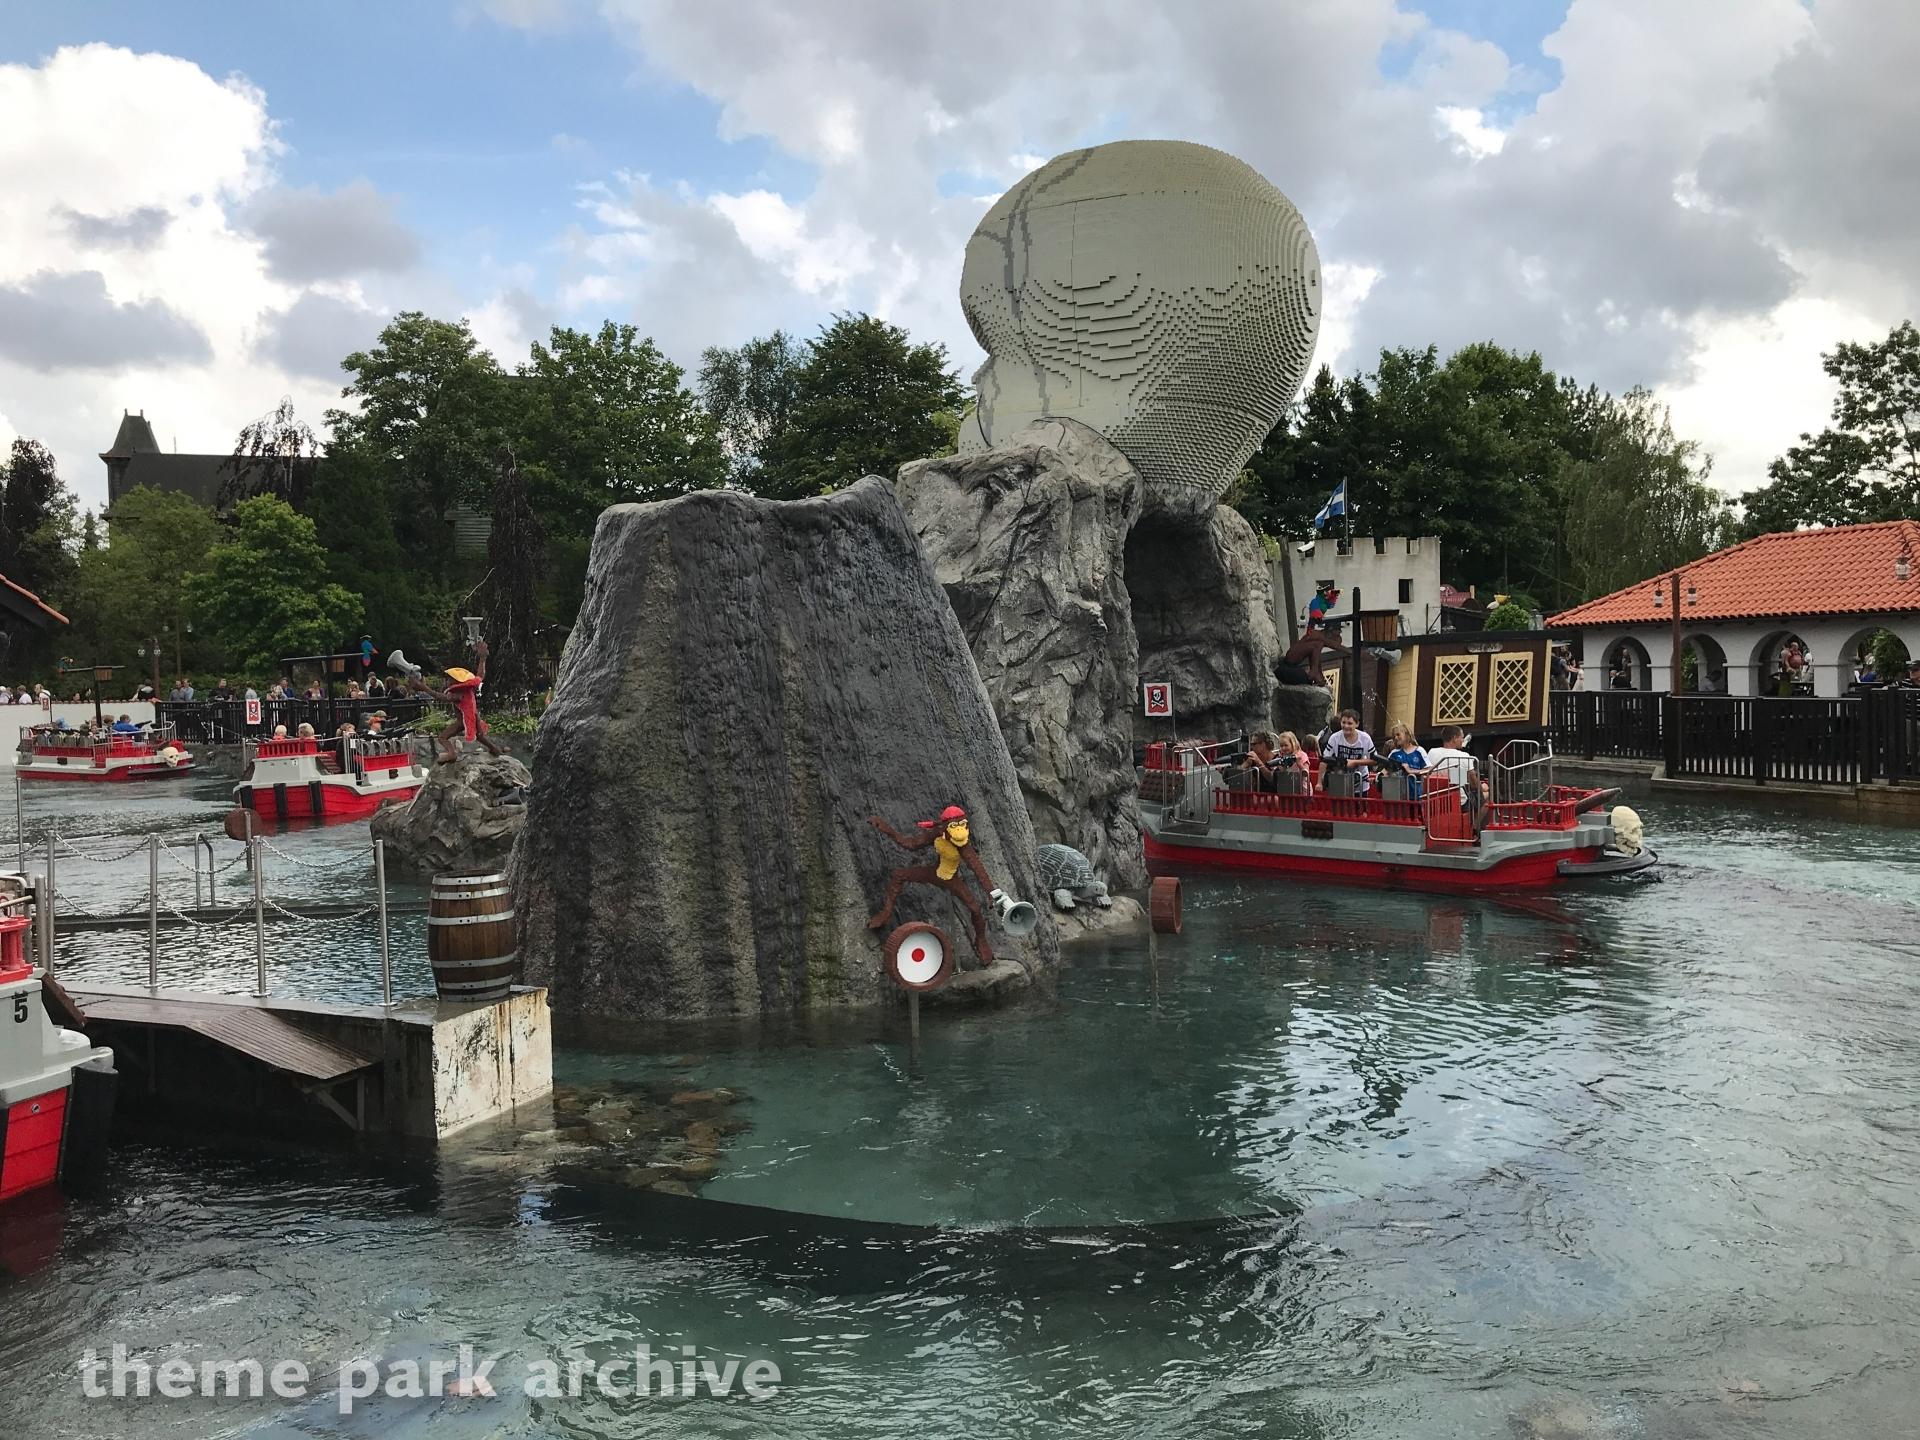 Pirate Splash Battle at LEGOLAND Billund